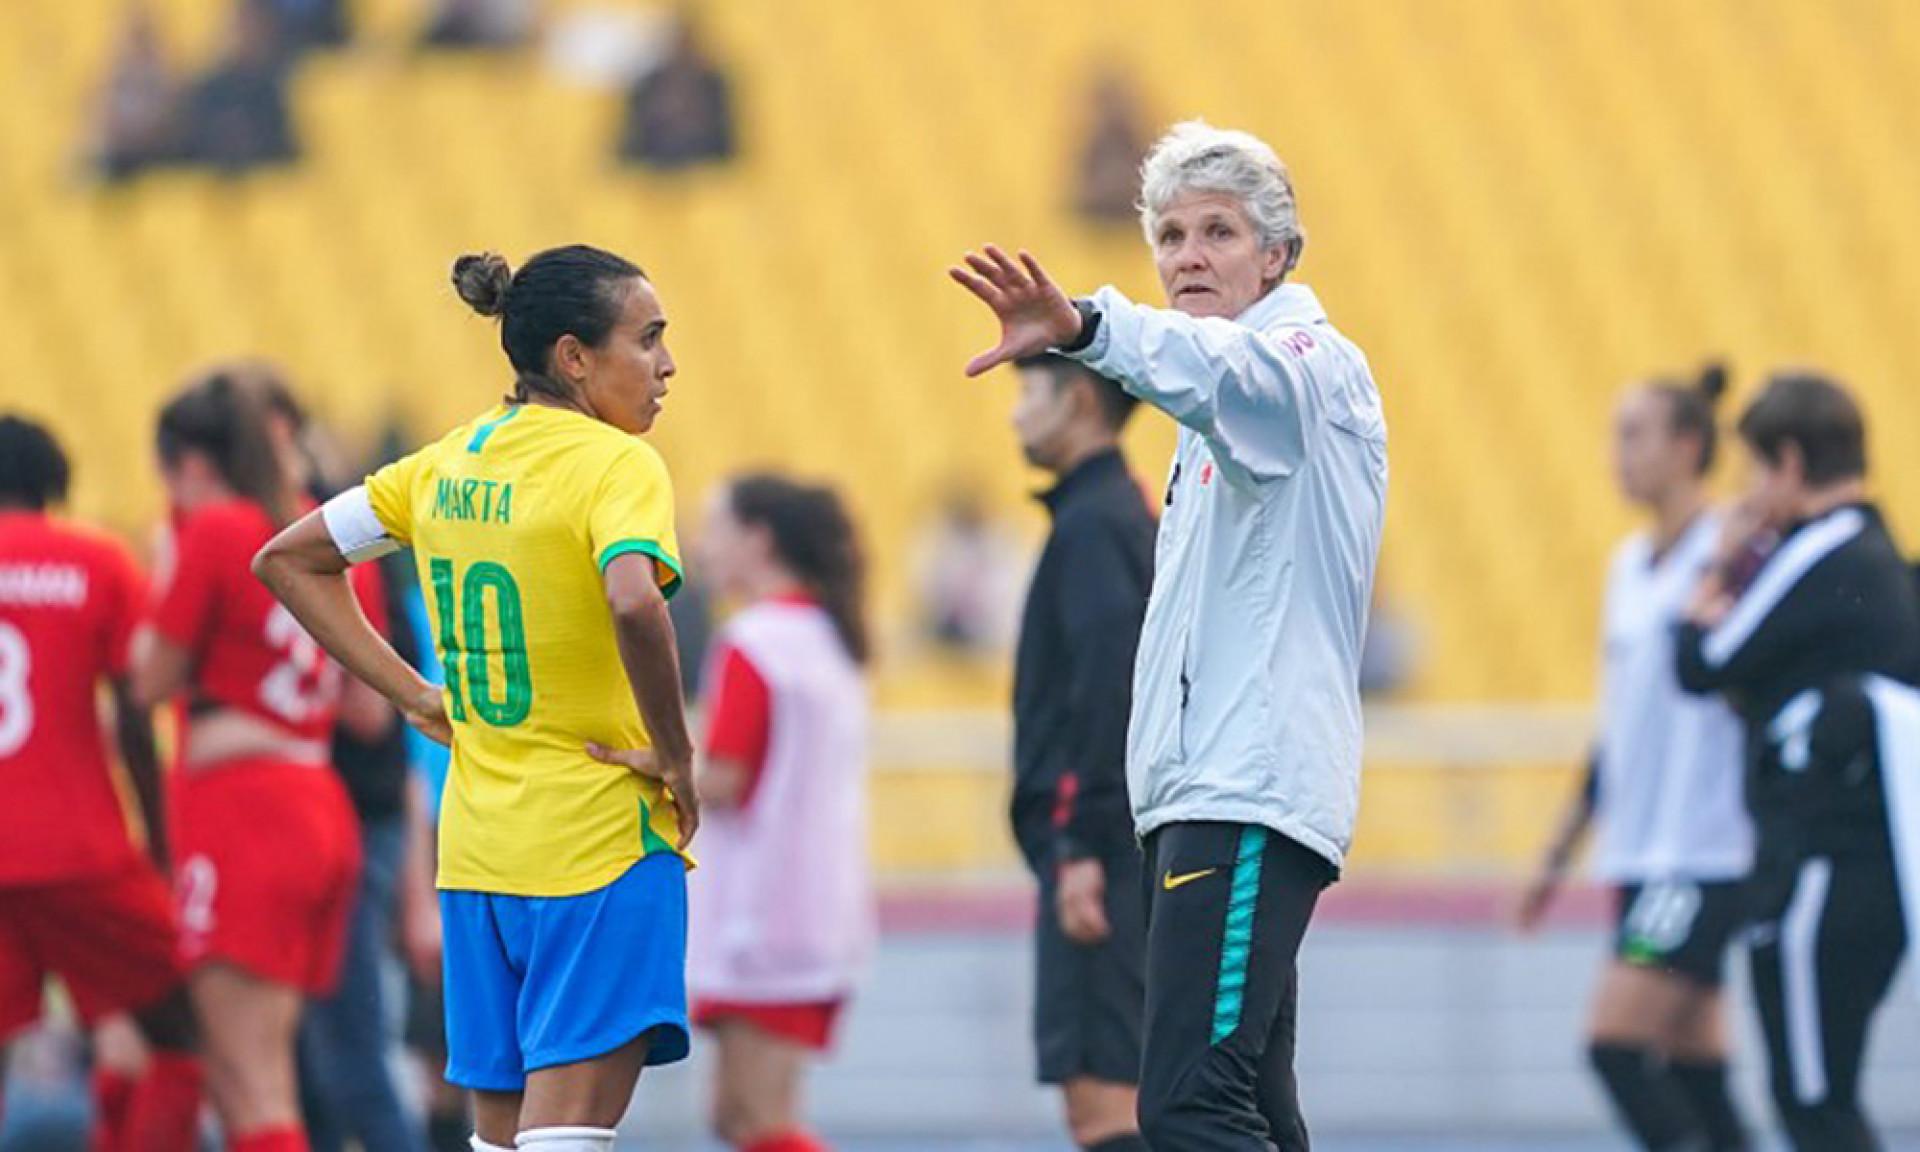 Pia planeja nova posição para Marta na Seleção: 'Mais perto do gol, talvez'